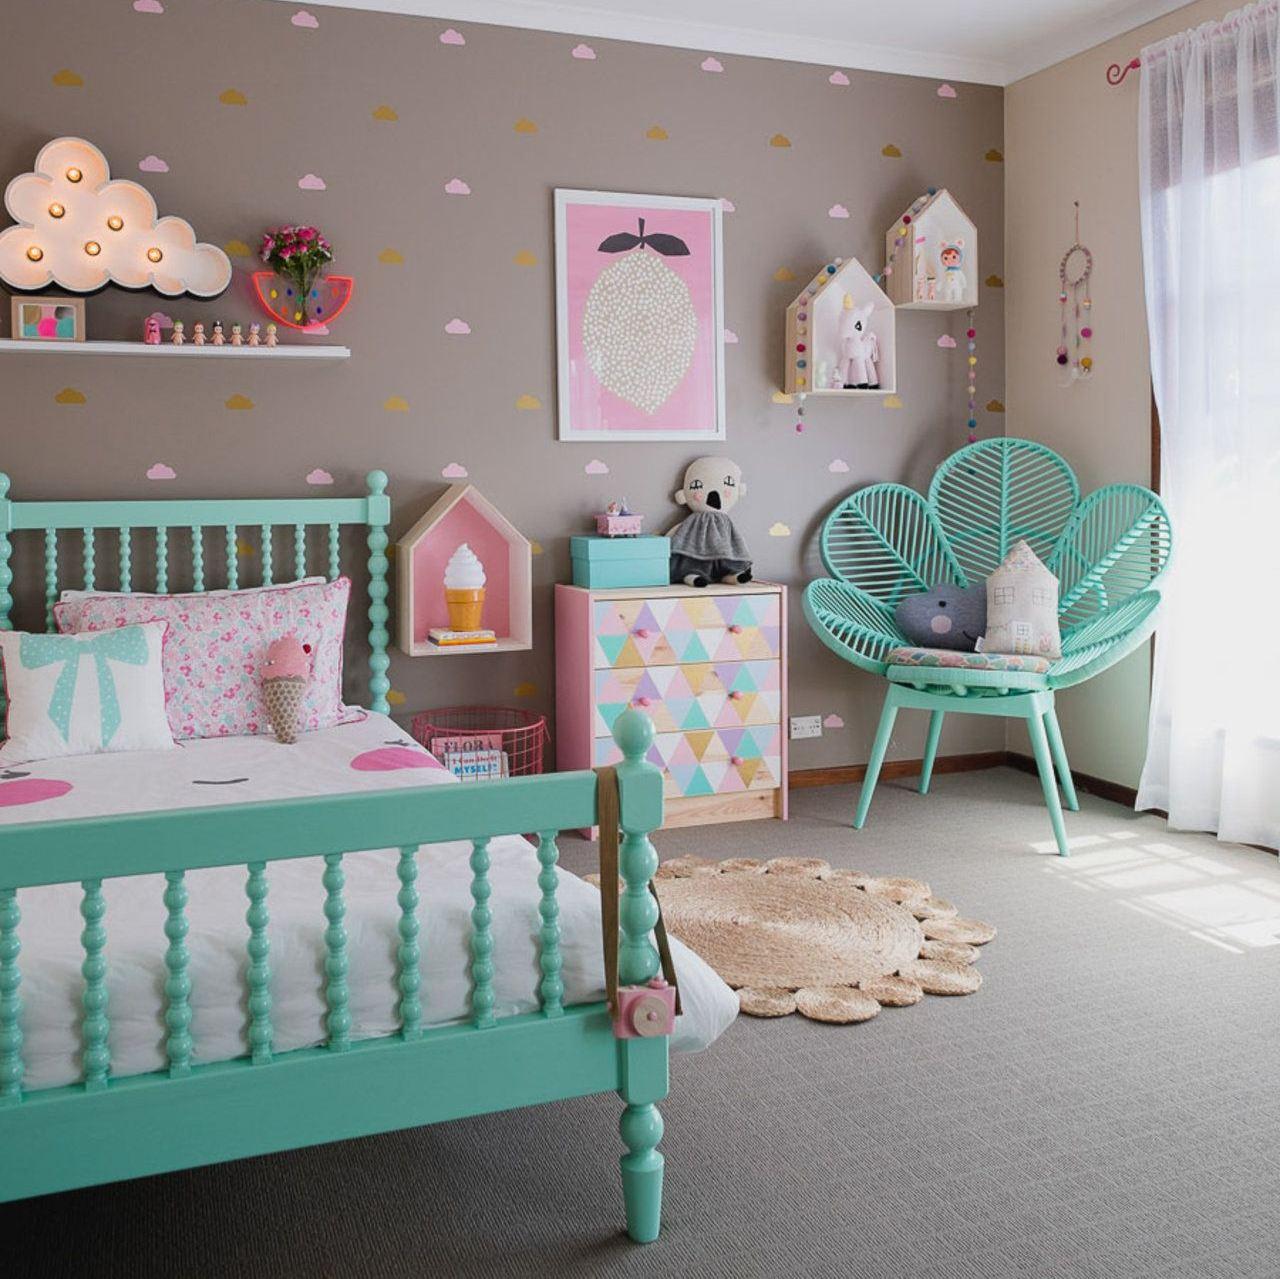 Выбор обоев в детскую комнату для девочки — варианты оформления